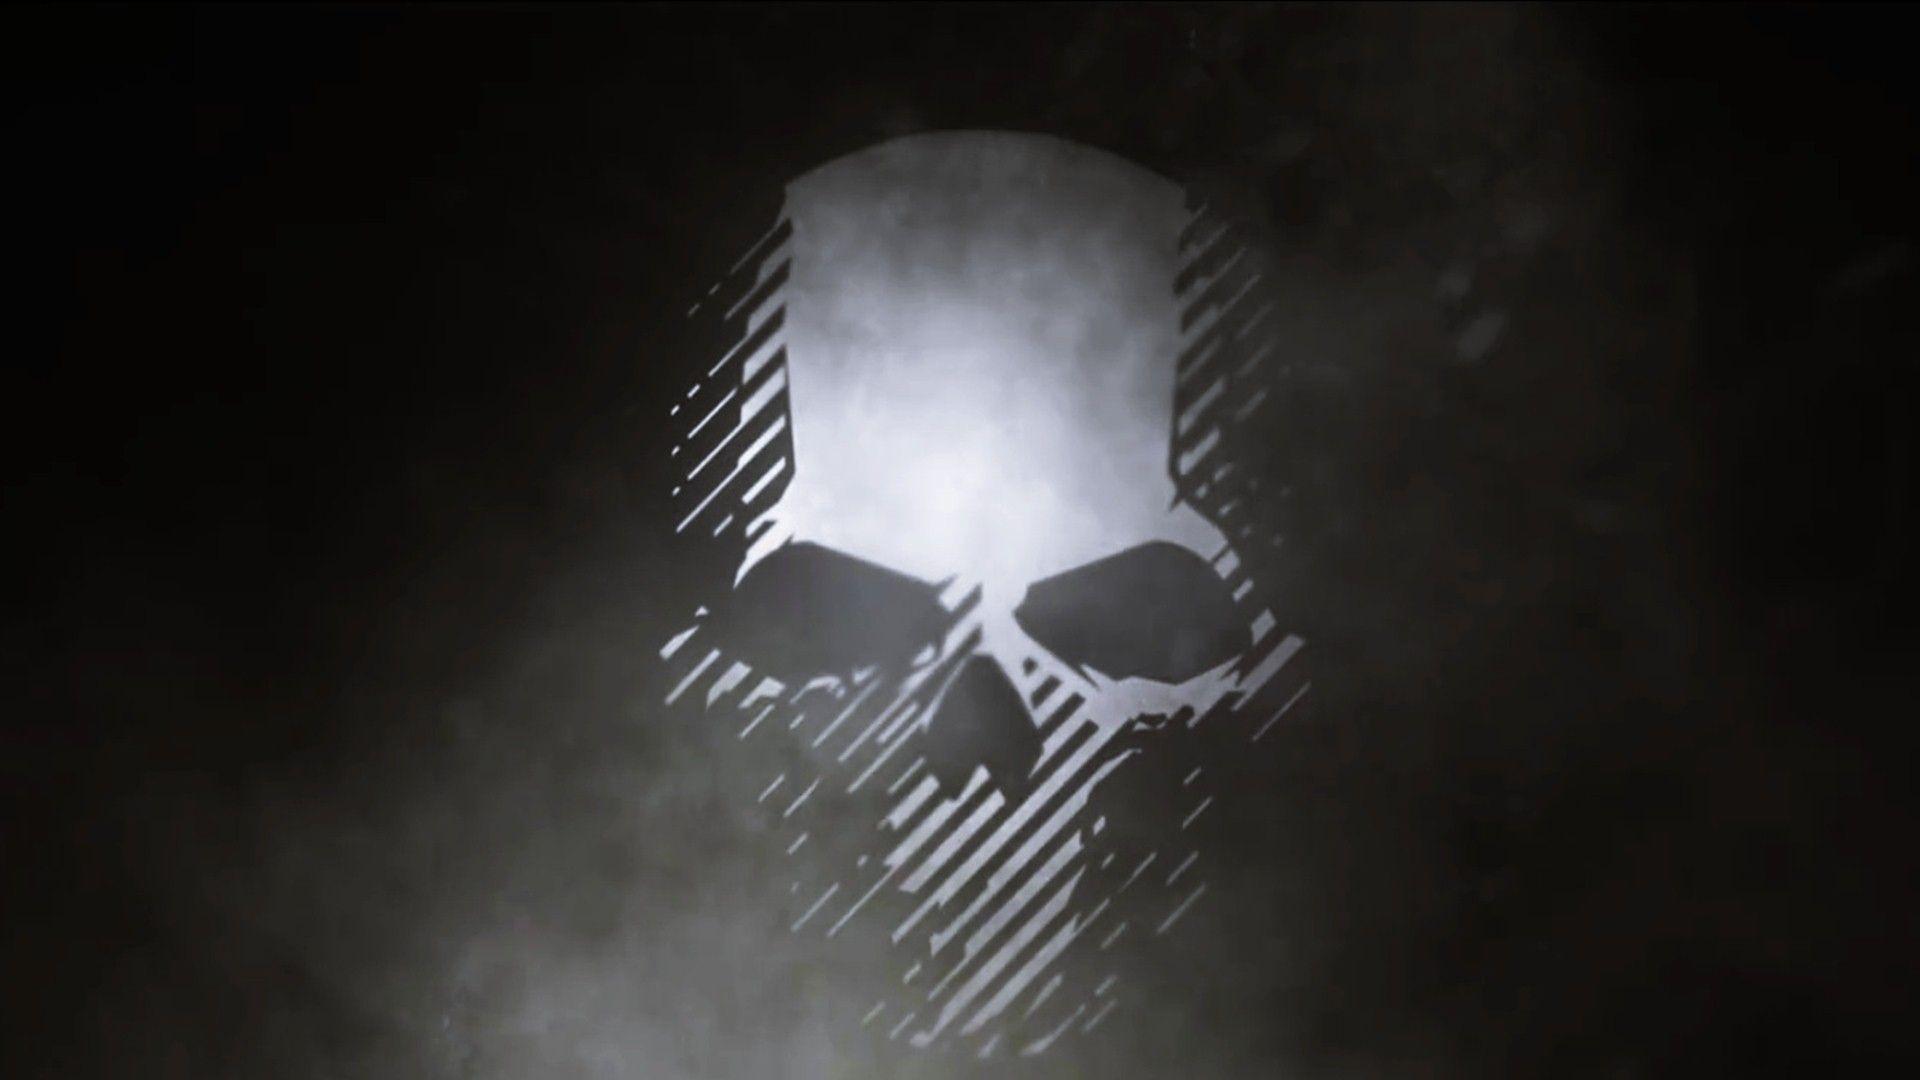 Pixilart - Ghost Recon Wildlands Skull by netrotlvl-x  Skull Ghost Recon Wildlands